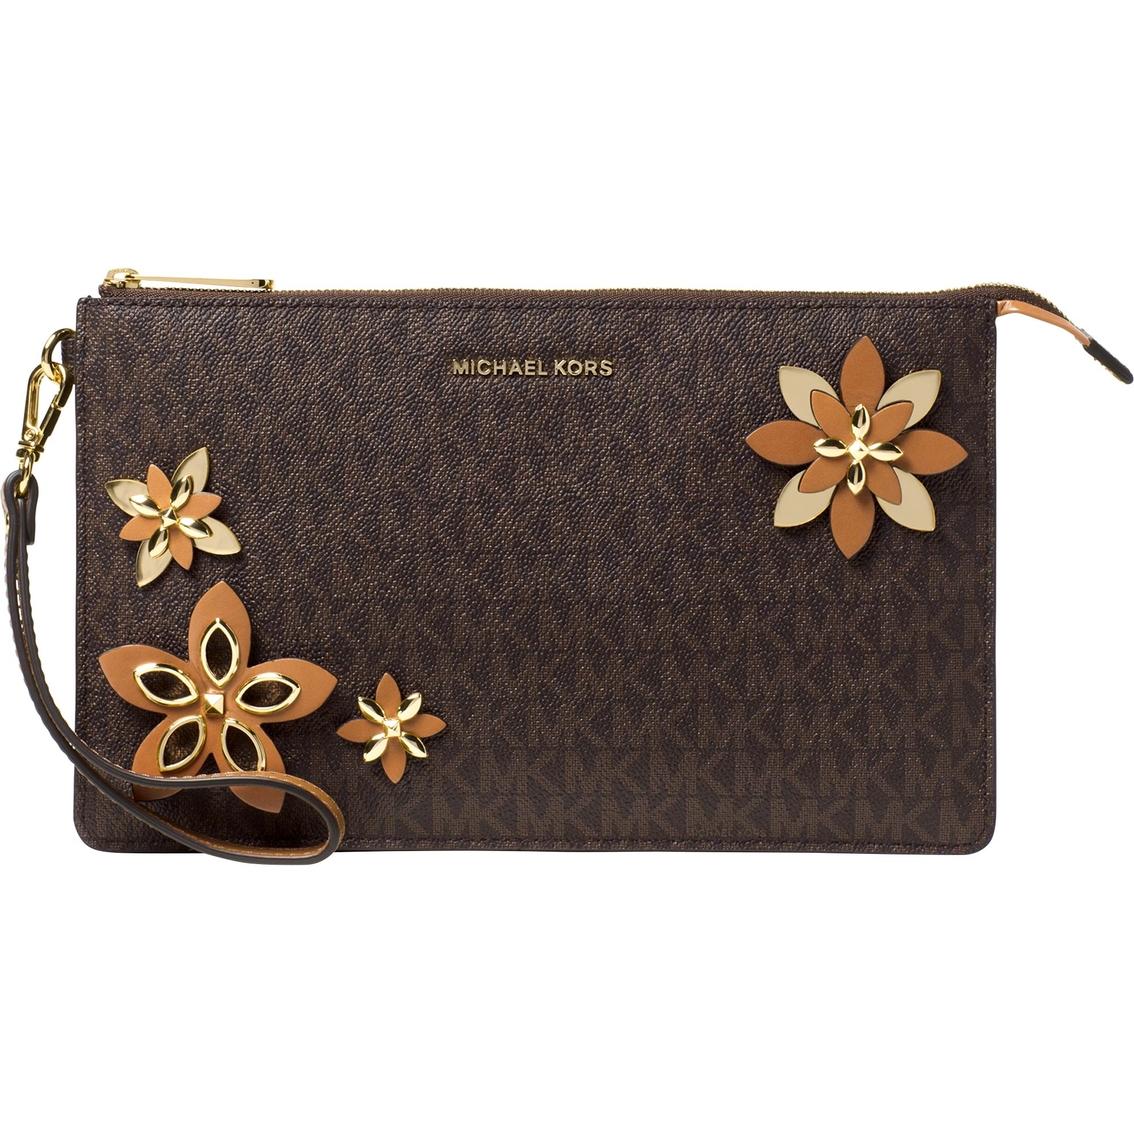 5941e8b0e3a2 Michael Kors Flowers Daniela Large Wristlet   Handbags   Shop The ...